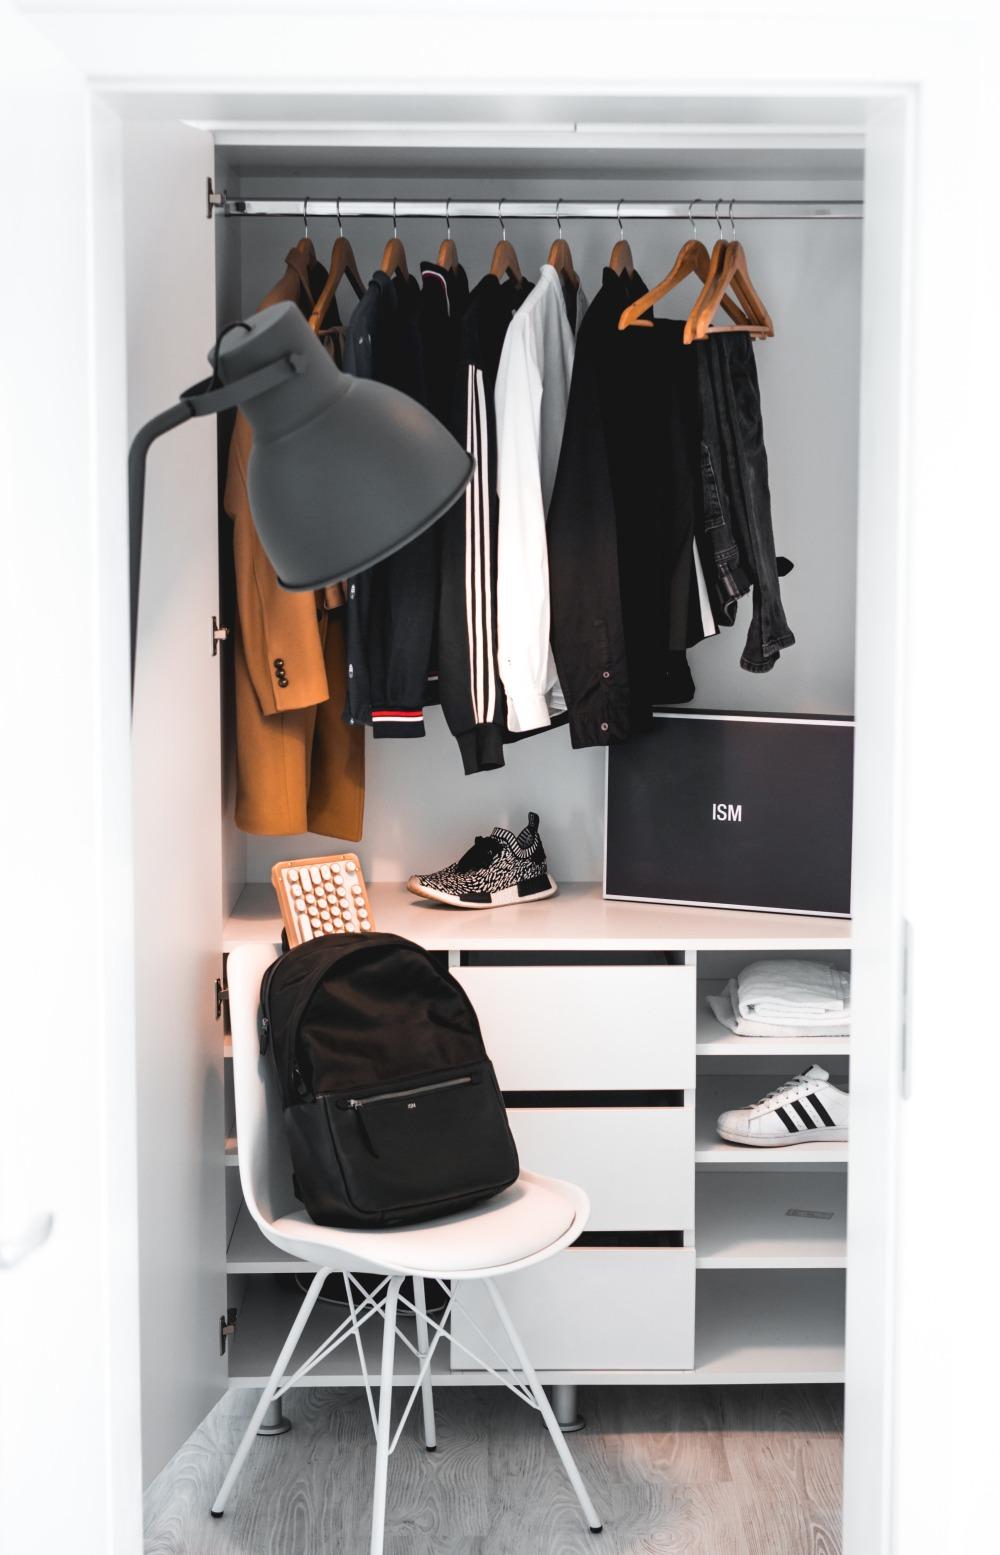 шкаф с выдвижными ящиками, гардеробные ящики, гардероб для хранения